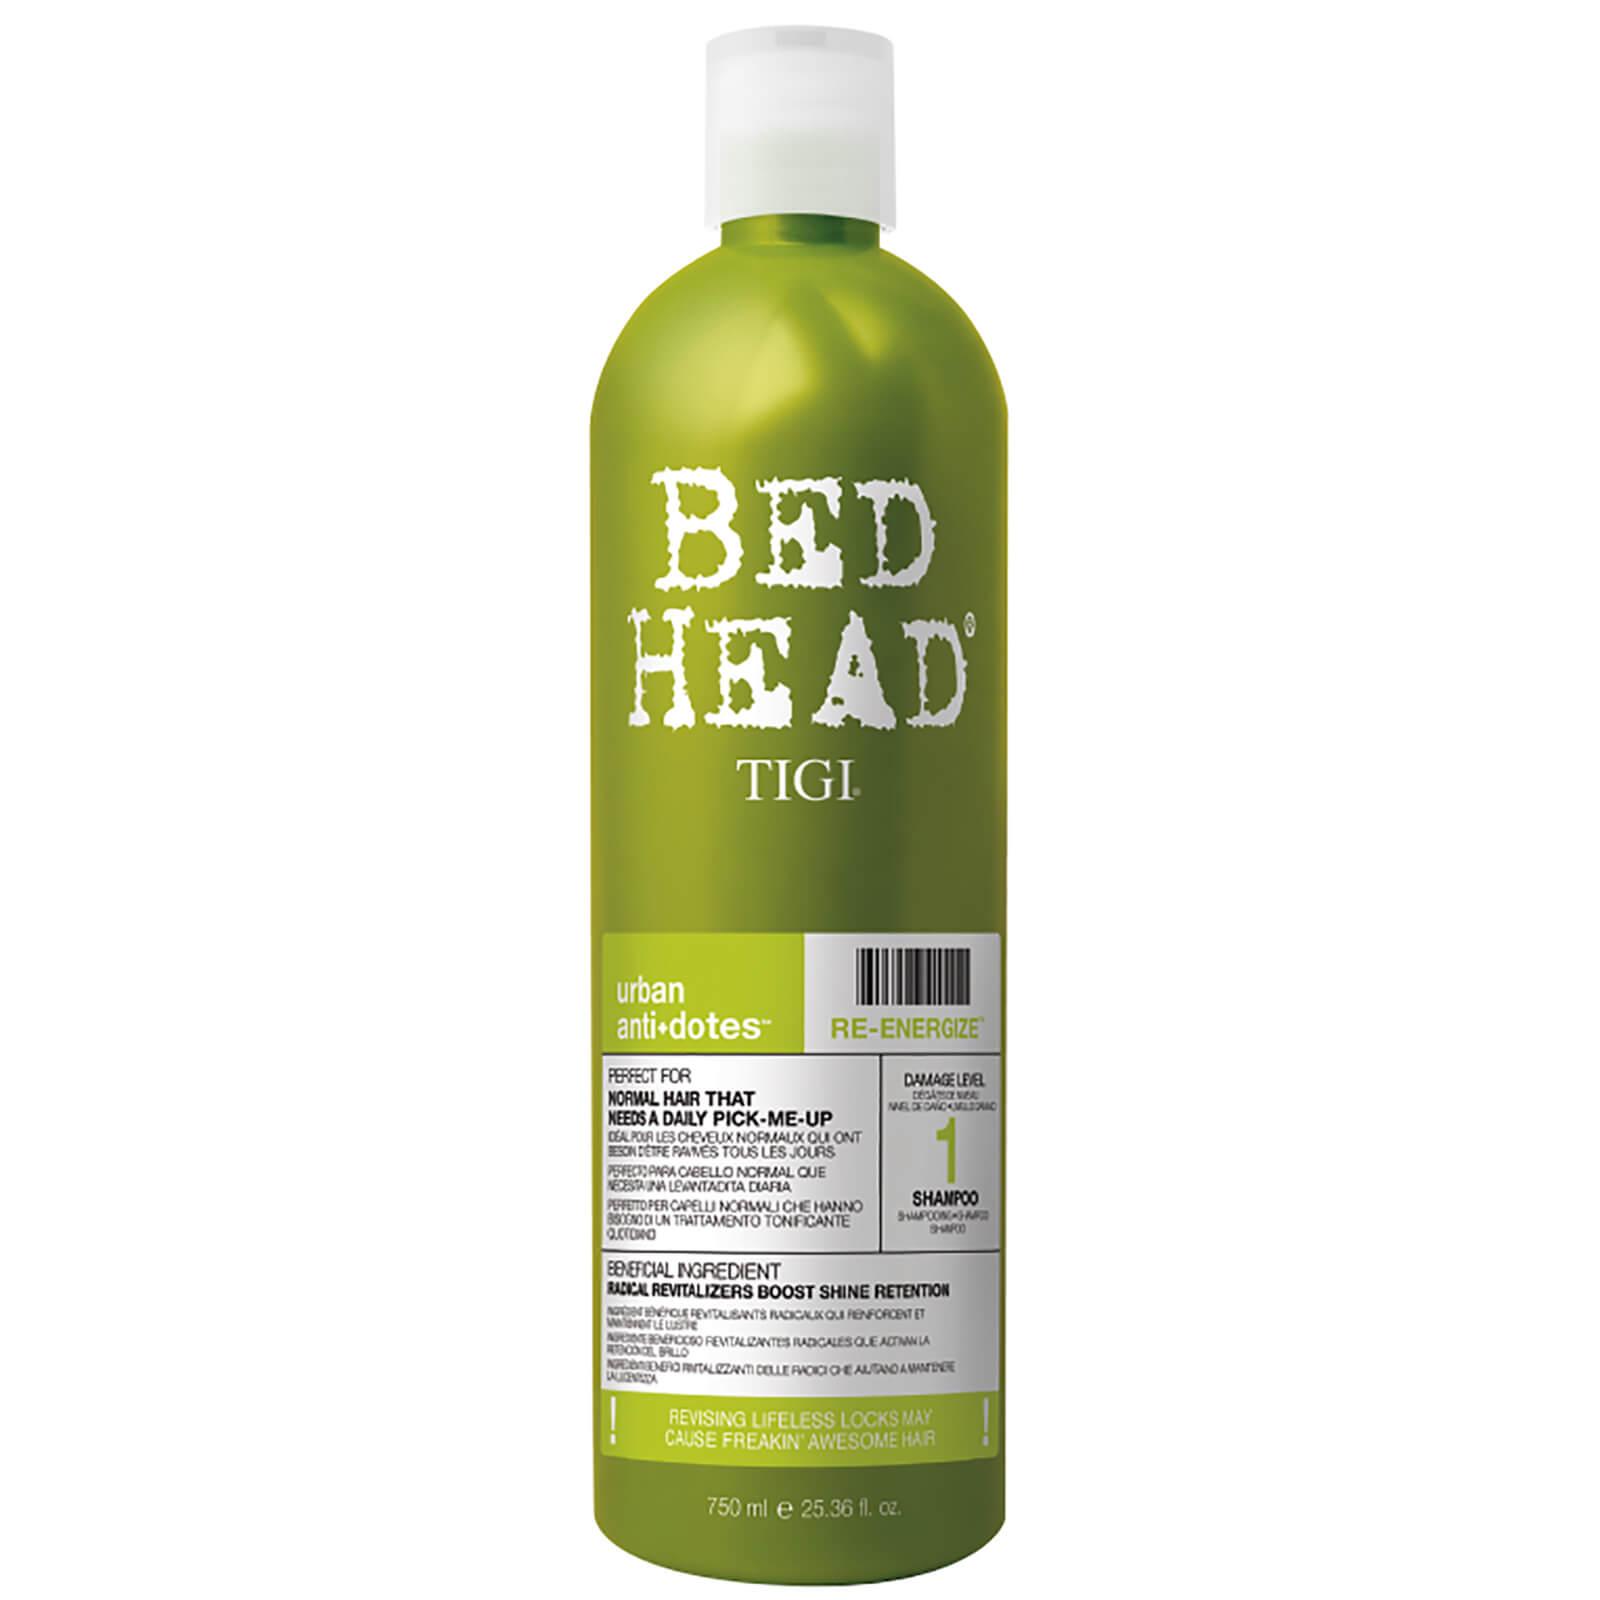 Купить Шампунь для нормальных волос уровень 1 TIGI Bed Head Urban Antidotes Re-energize Daily Shampoo for Normal Hair 750 мл